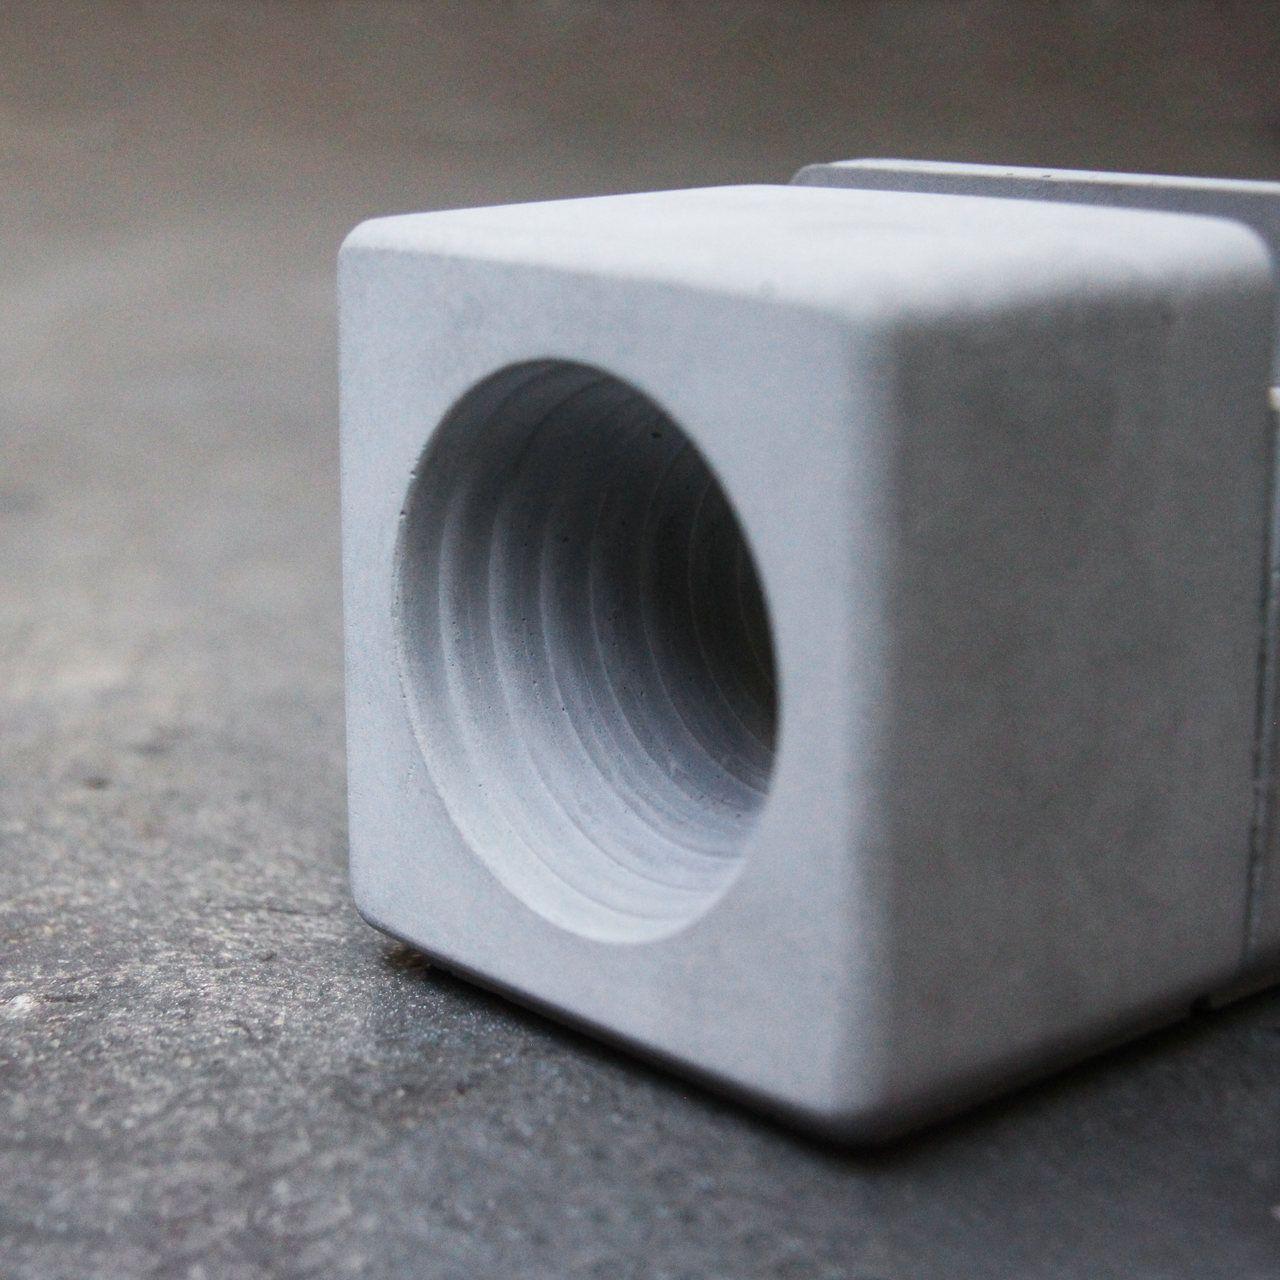 Caixa amplificadora de som para celular